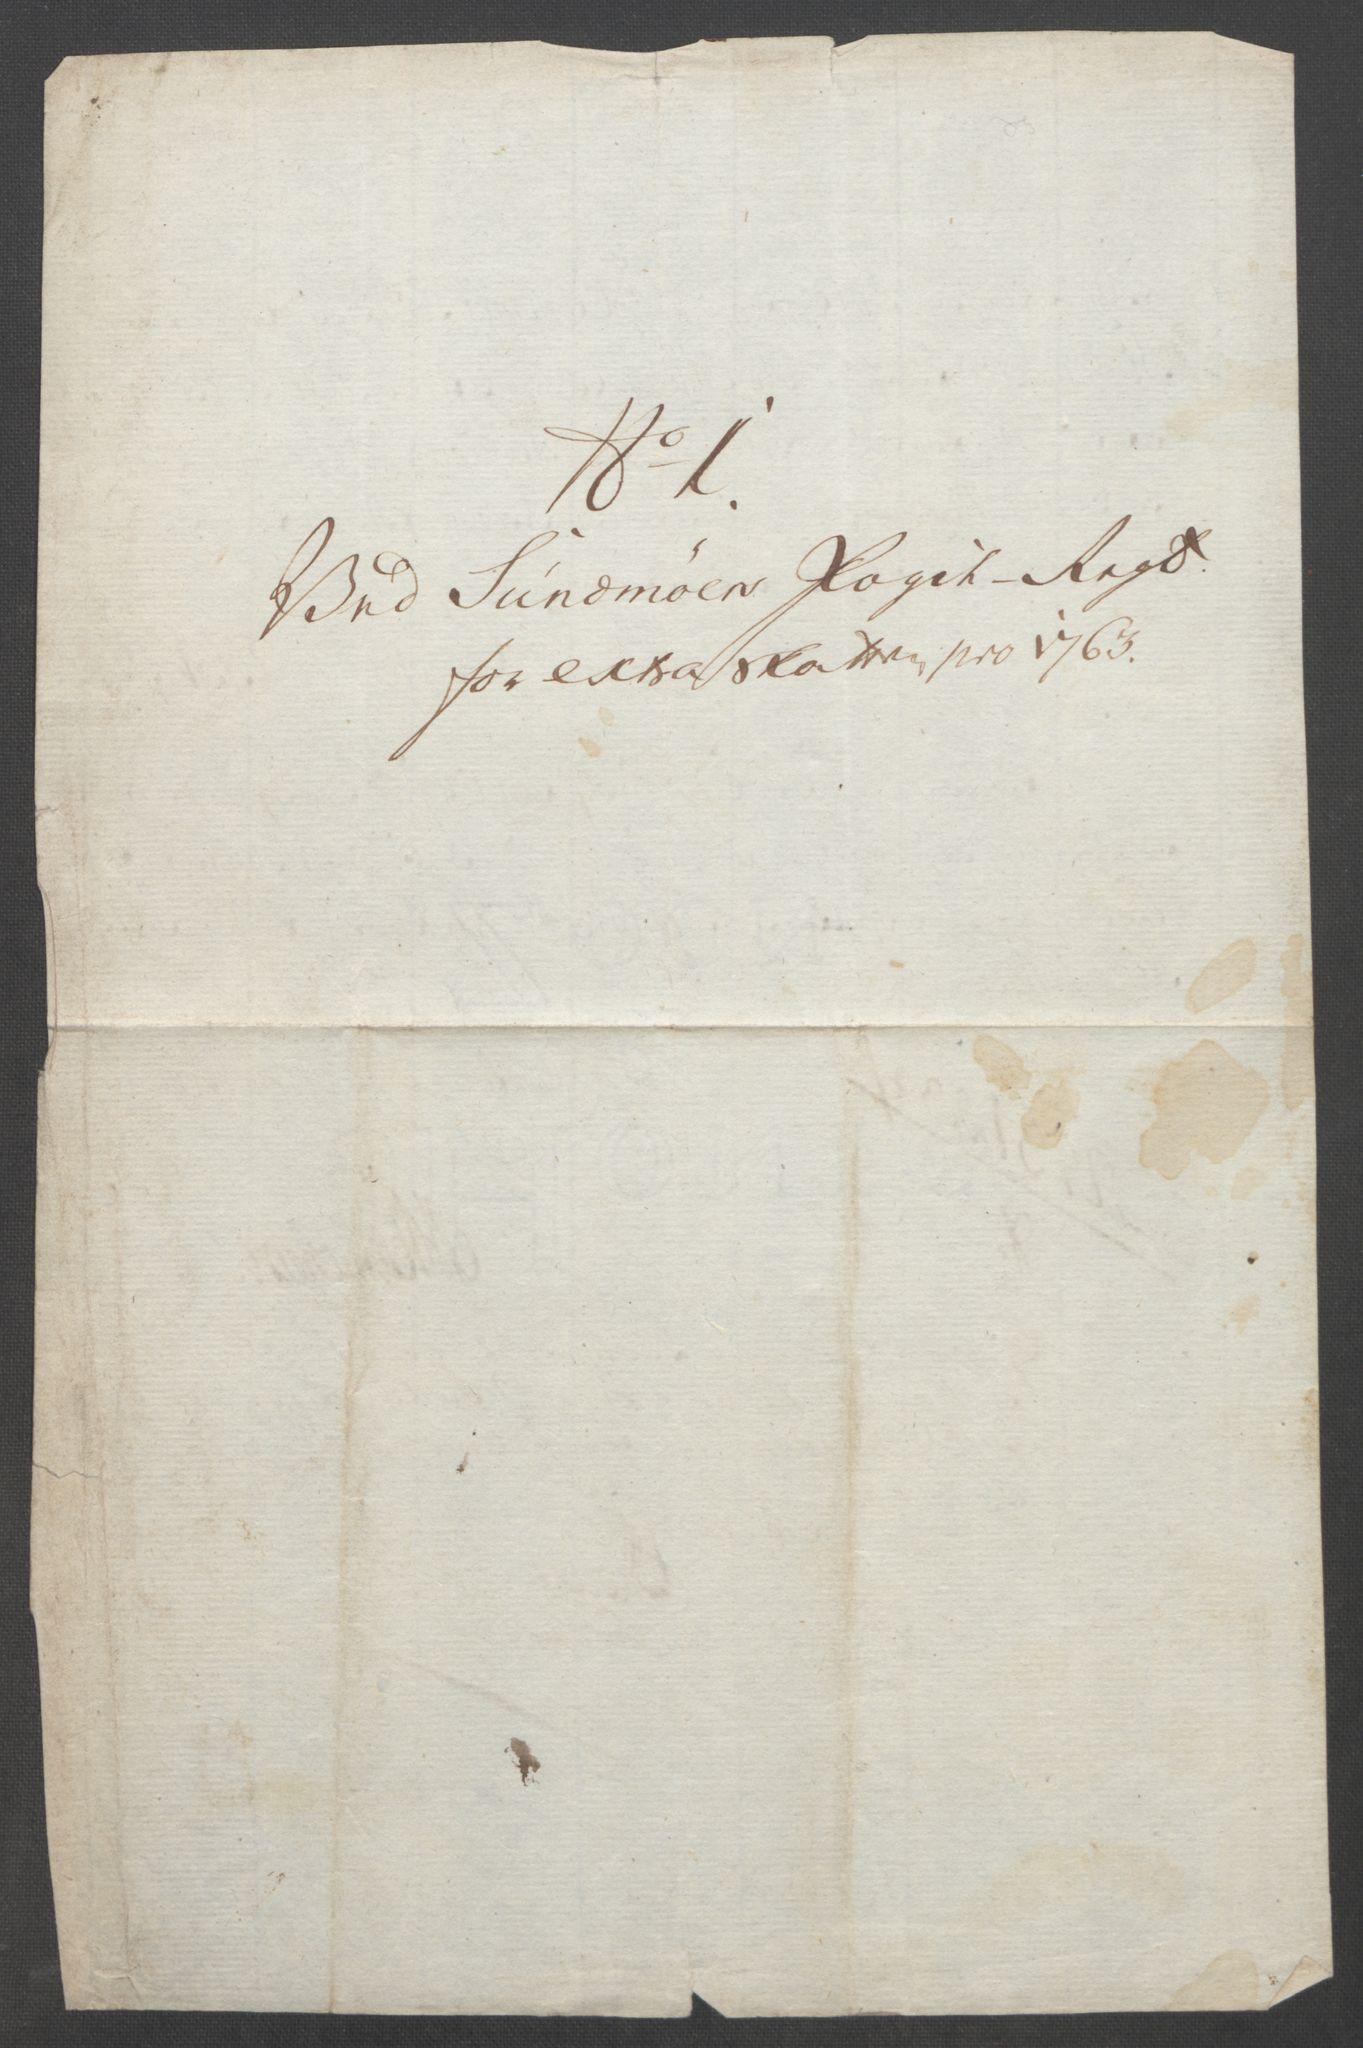 RA, Rentekammeret inntil 1814, Reviderte regnskaper, Fogderegnskap, R54/L3645: Ekstraskatten Sunnmøre, 1762-1772, s. 29